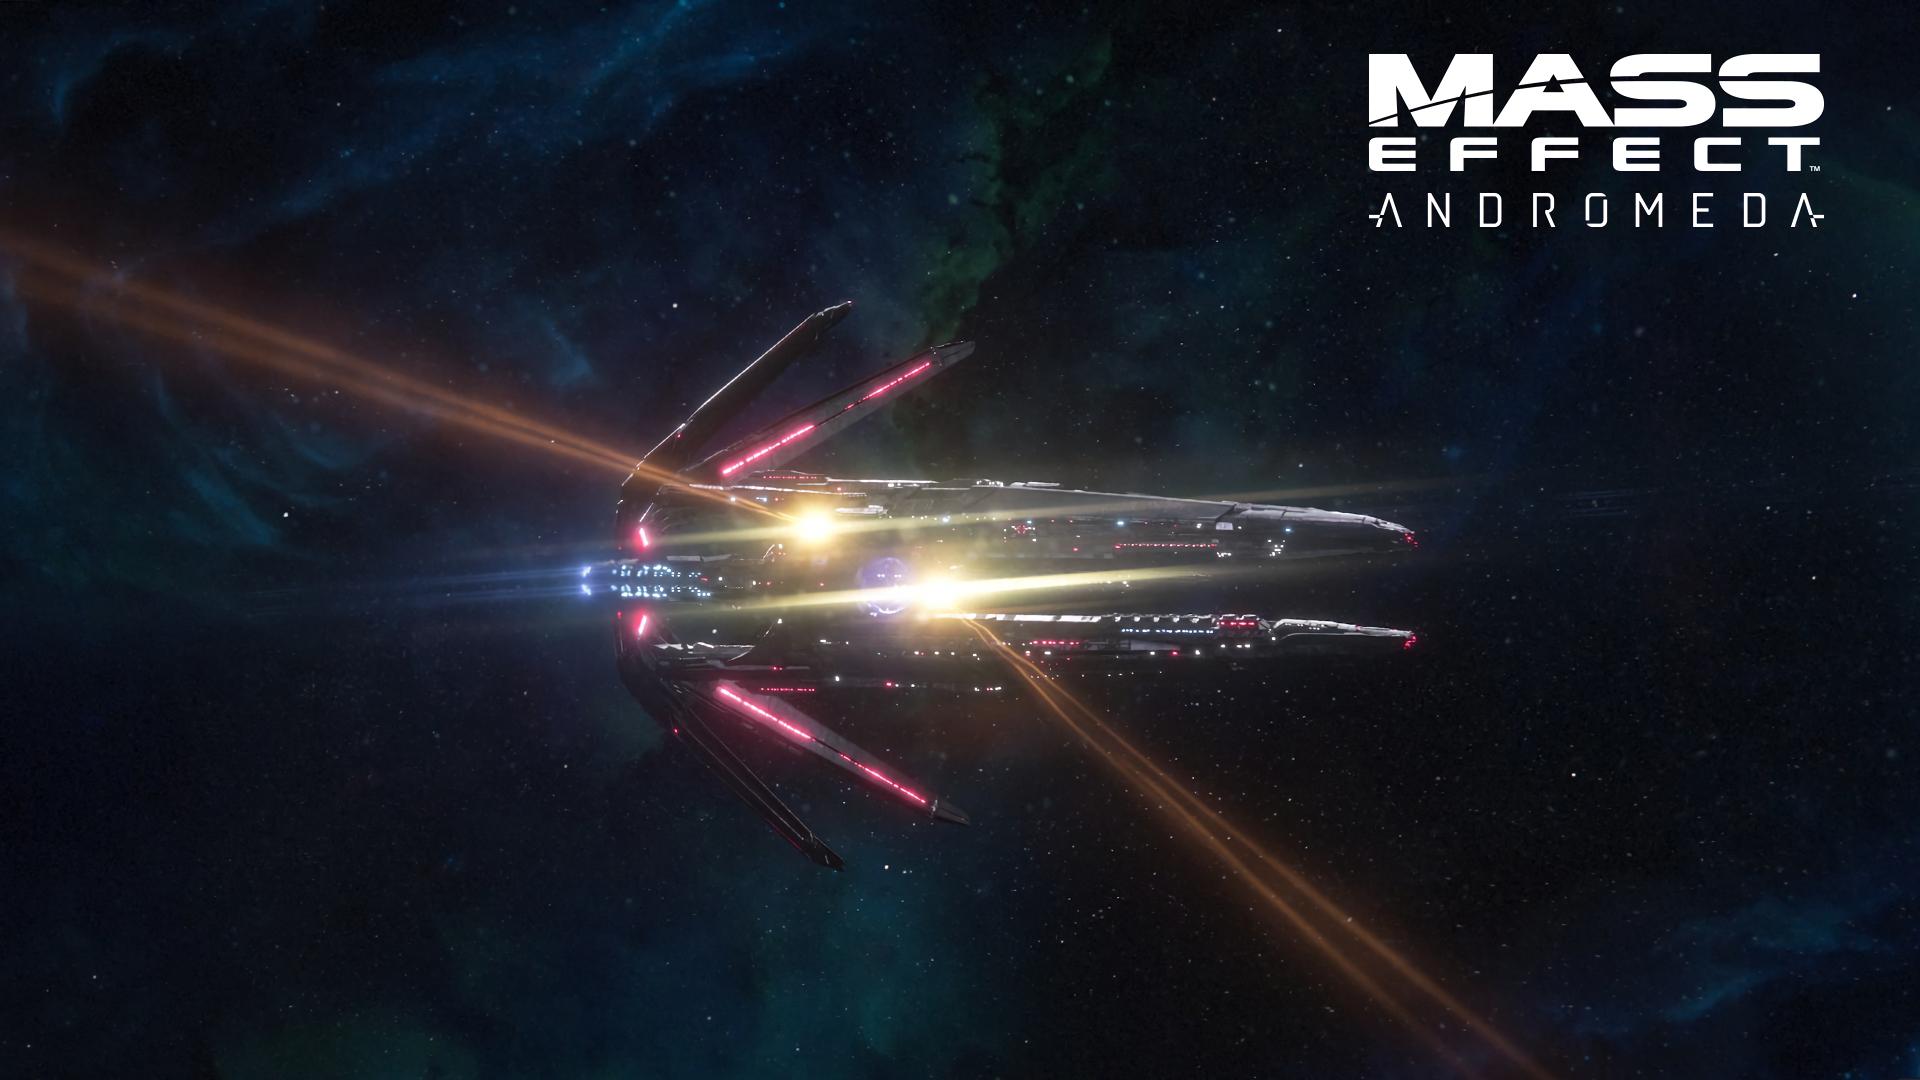 Videogame Mass Effect Andromeda Mass Effect Hd Wallpaper